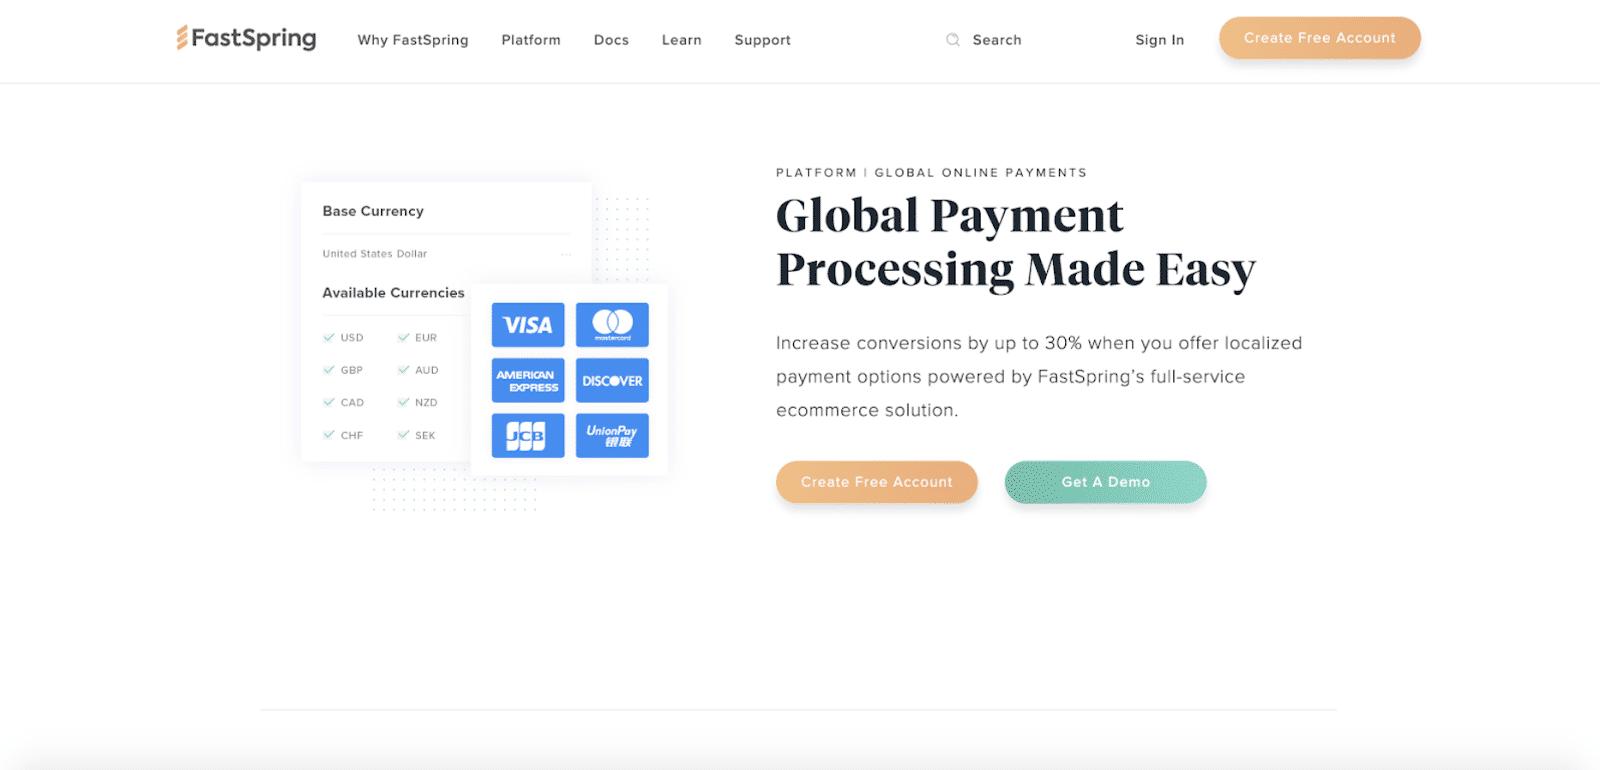 alternativa de PayPal FastSpring